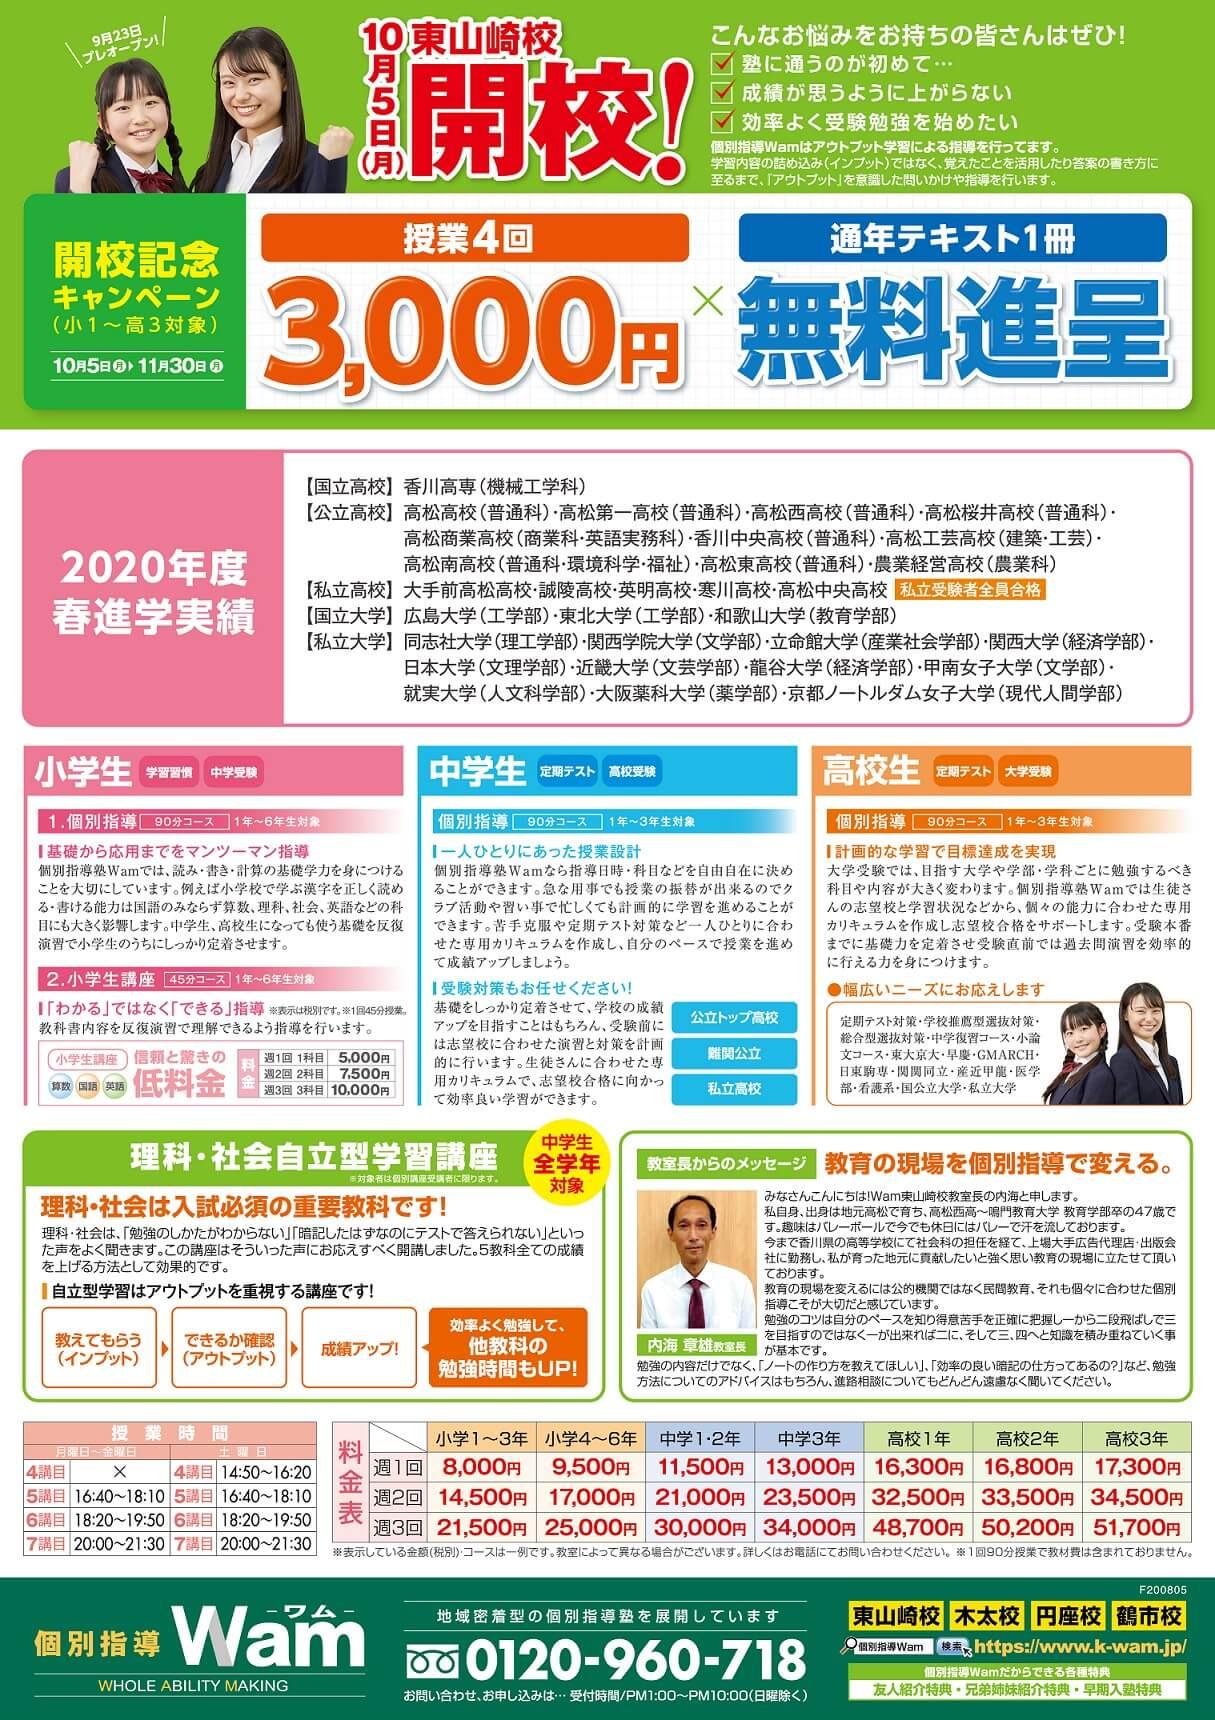 東山崎校 2020年10月5日(月)開校。・ウラ面